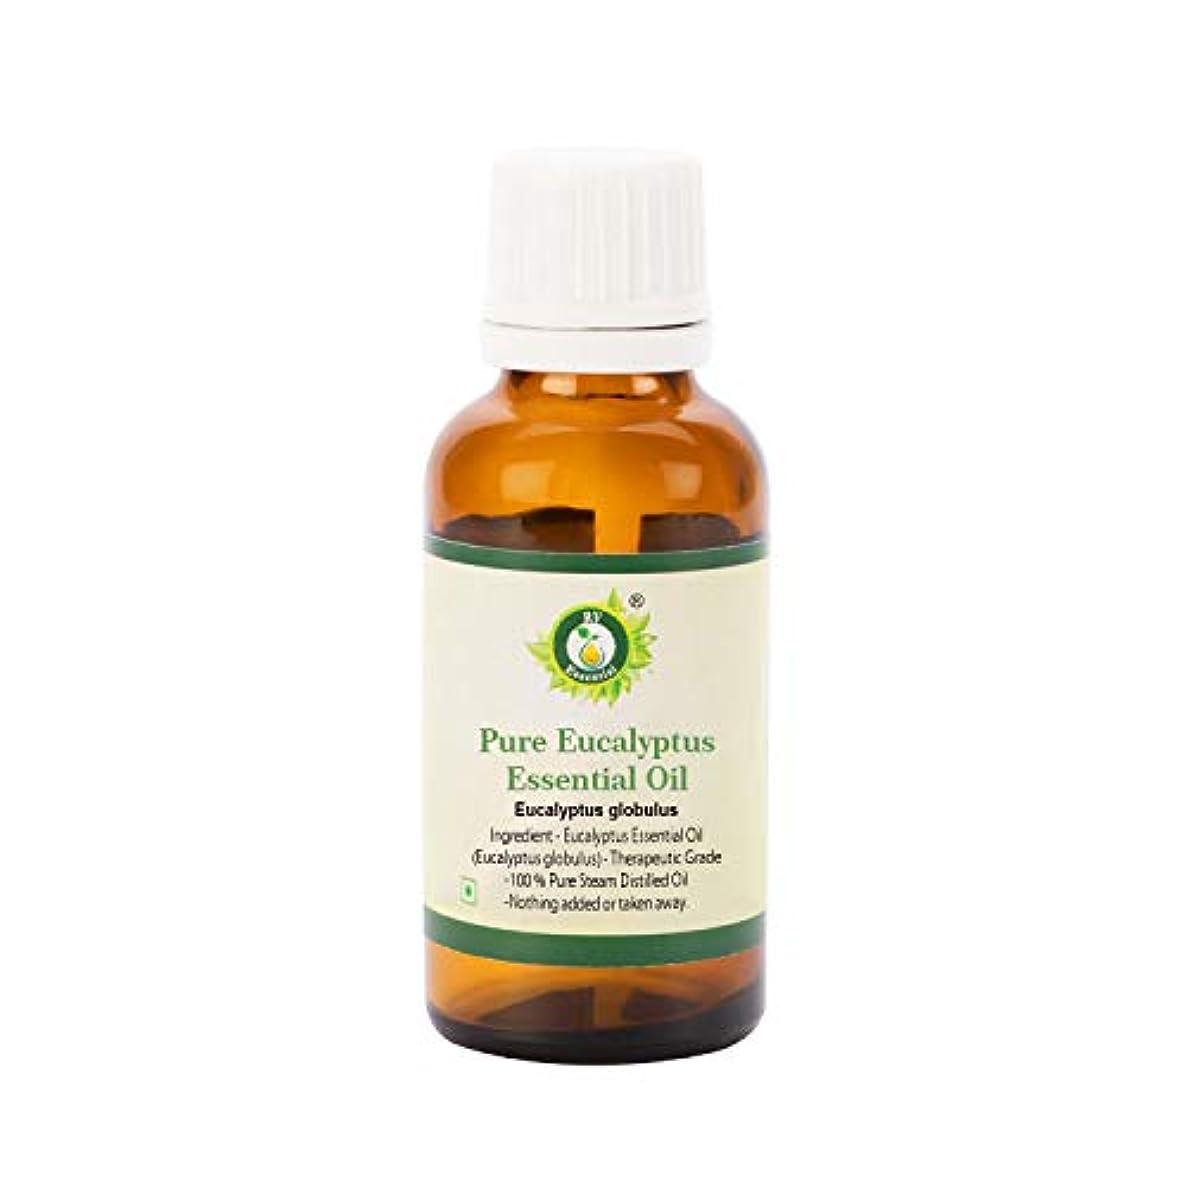 ラベルホスト電子レンジR V Essential ピュアユーカリエッセンシャルオイル100ml (3.38oz)- Eucalyptus globulus (100%純粋&天然スチームDistilled) Pure Eucalyptus Essential...